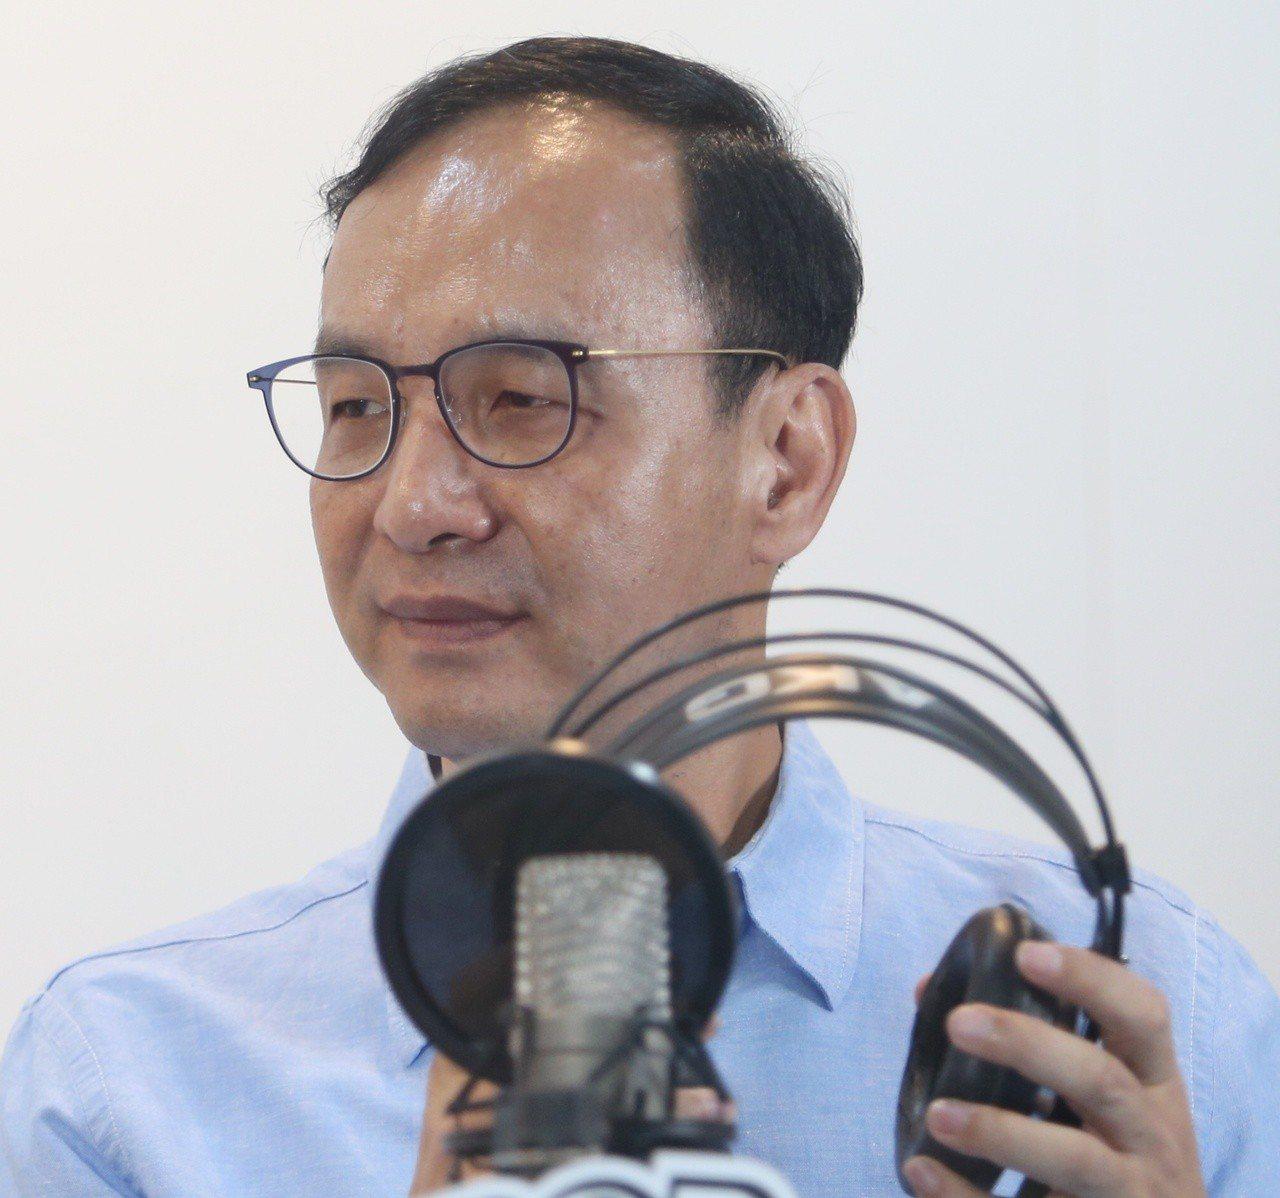 參加國民黨總統初選的朱立倫上午接受電台專訪。 記者侯永全/攝影